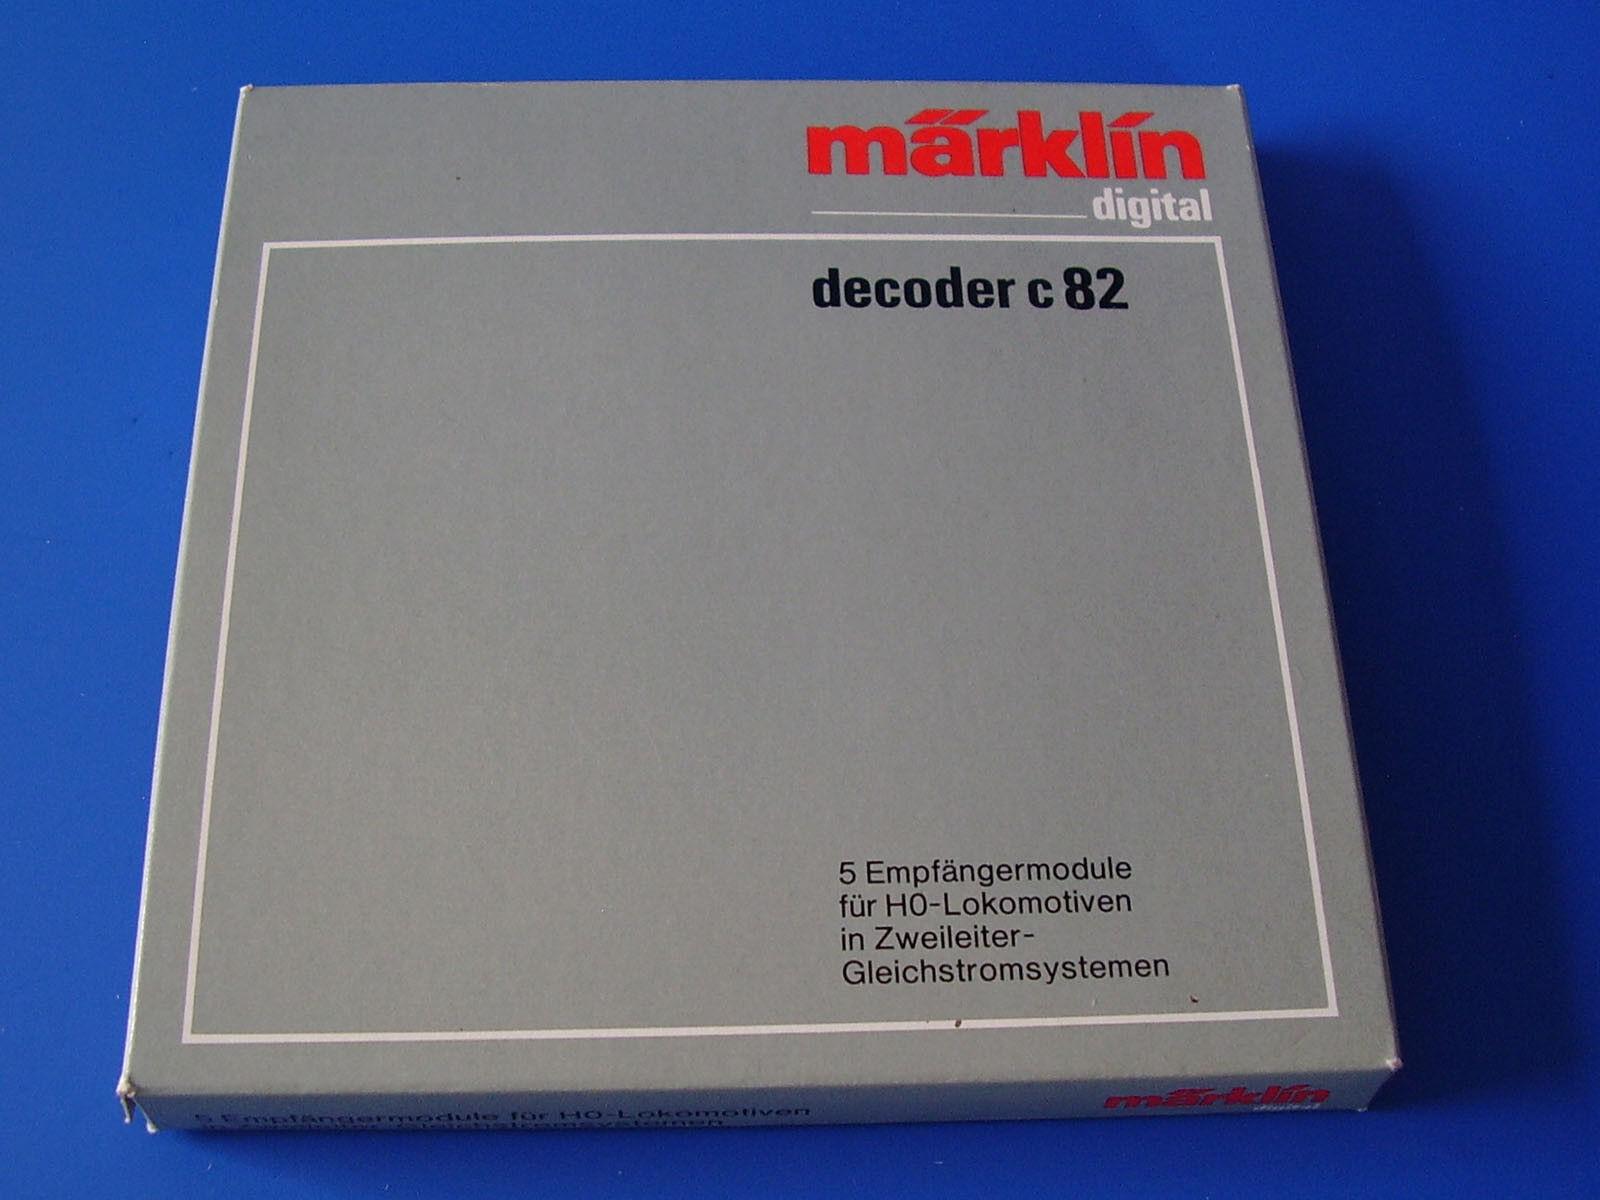 Märklin - 6082 - 5x Decoder C 82 OVP-Digital New